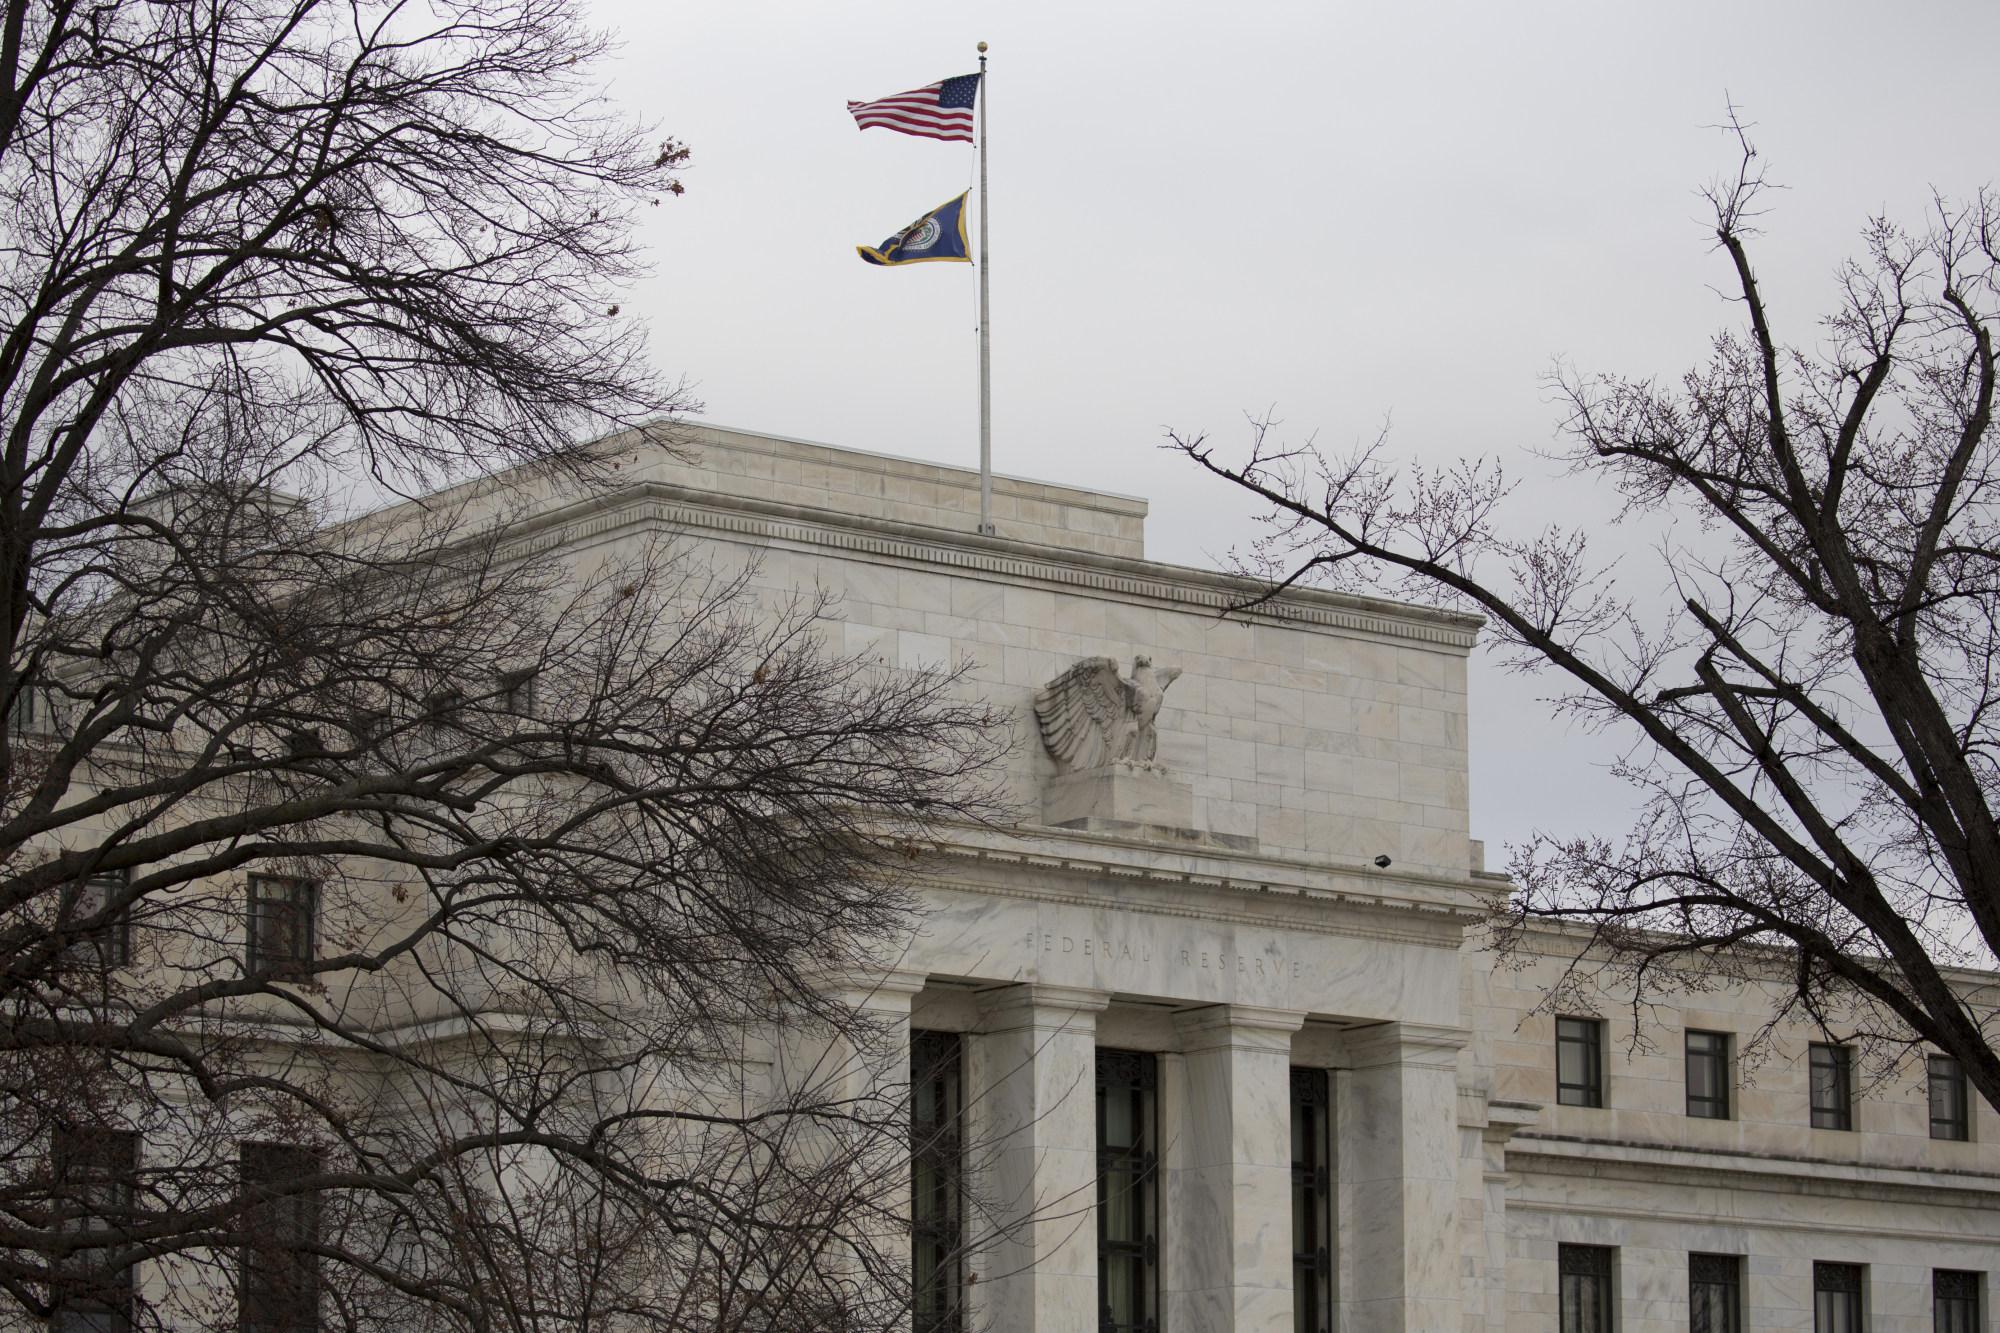 英镑下跌至两年低点经济前景黯淡令货币承压